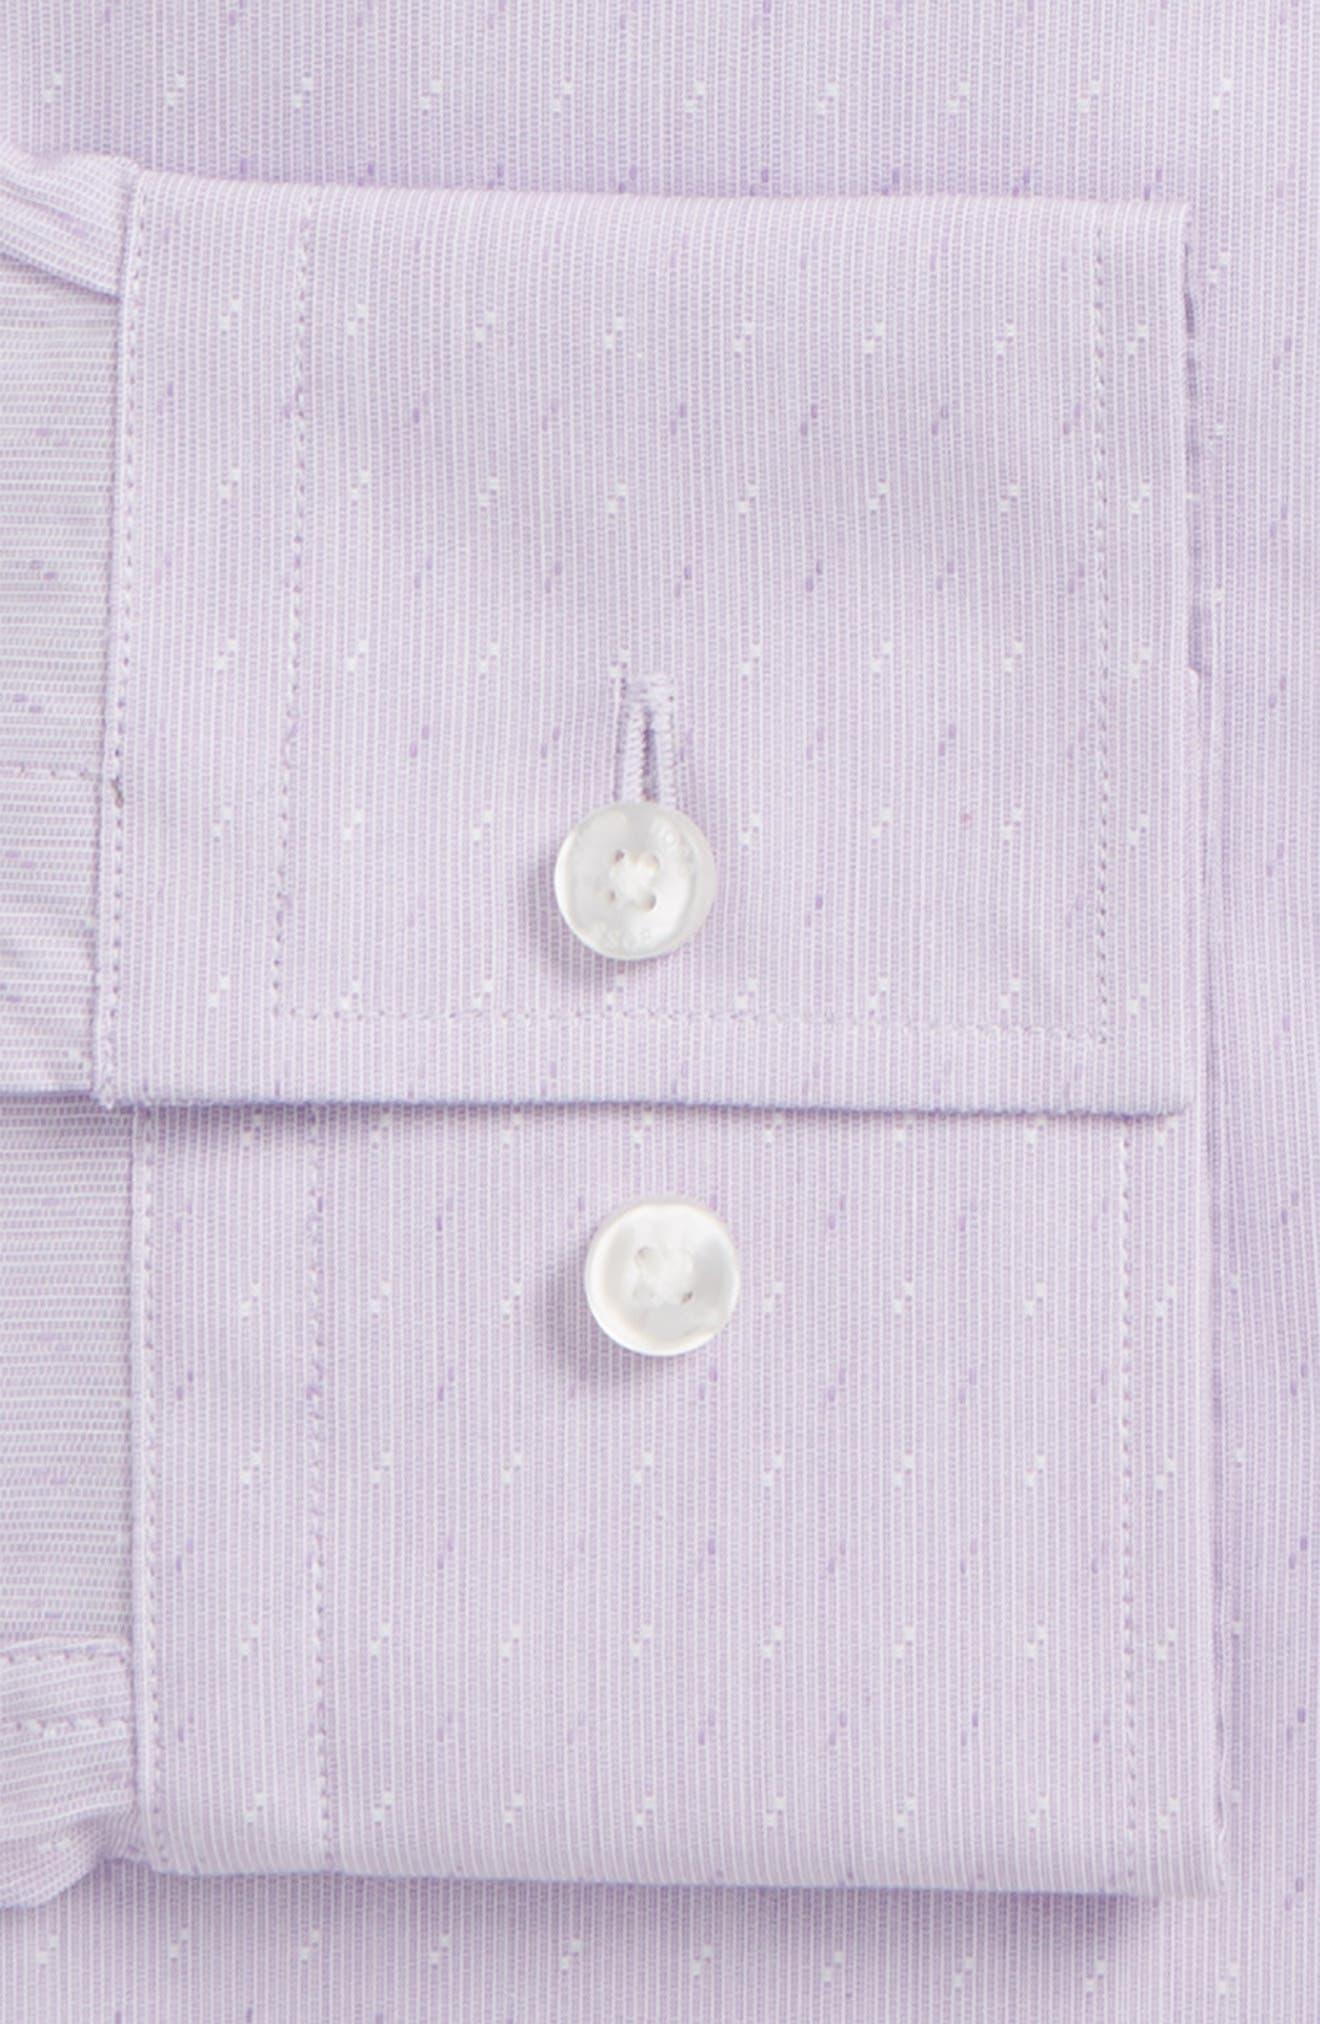 Jenno Slim Fit Dress Shirt,                             Alternate thumbnail 2, color,                             530